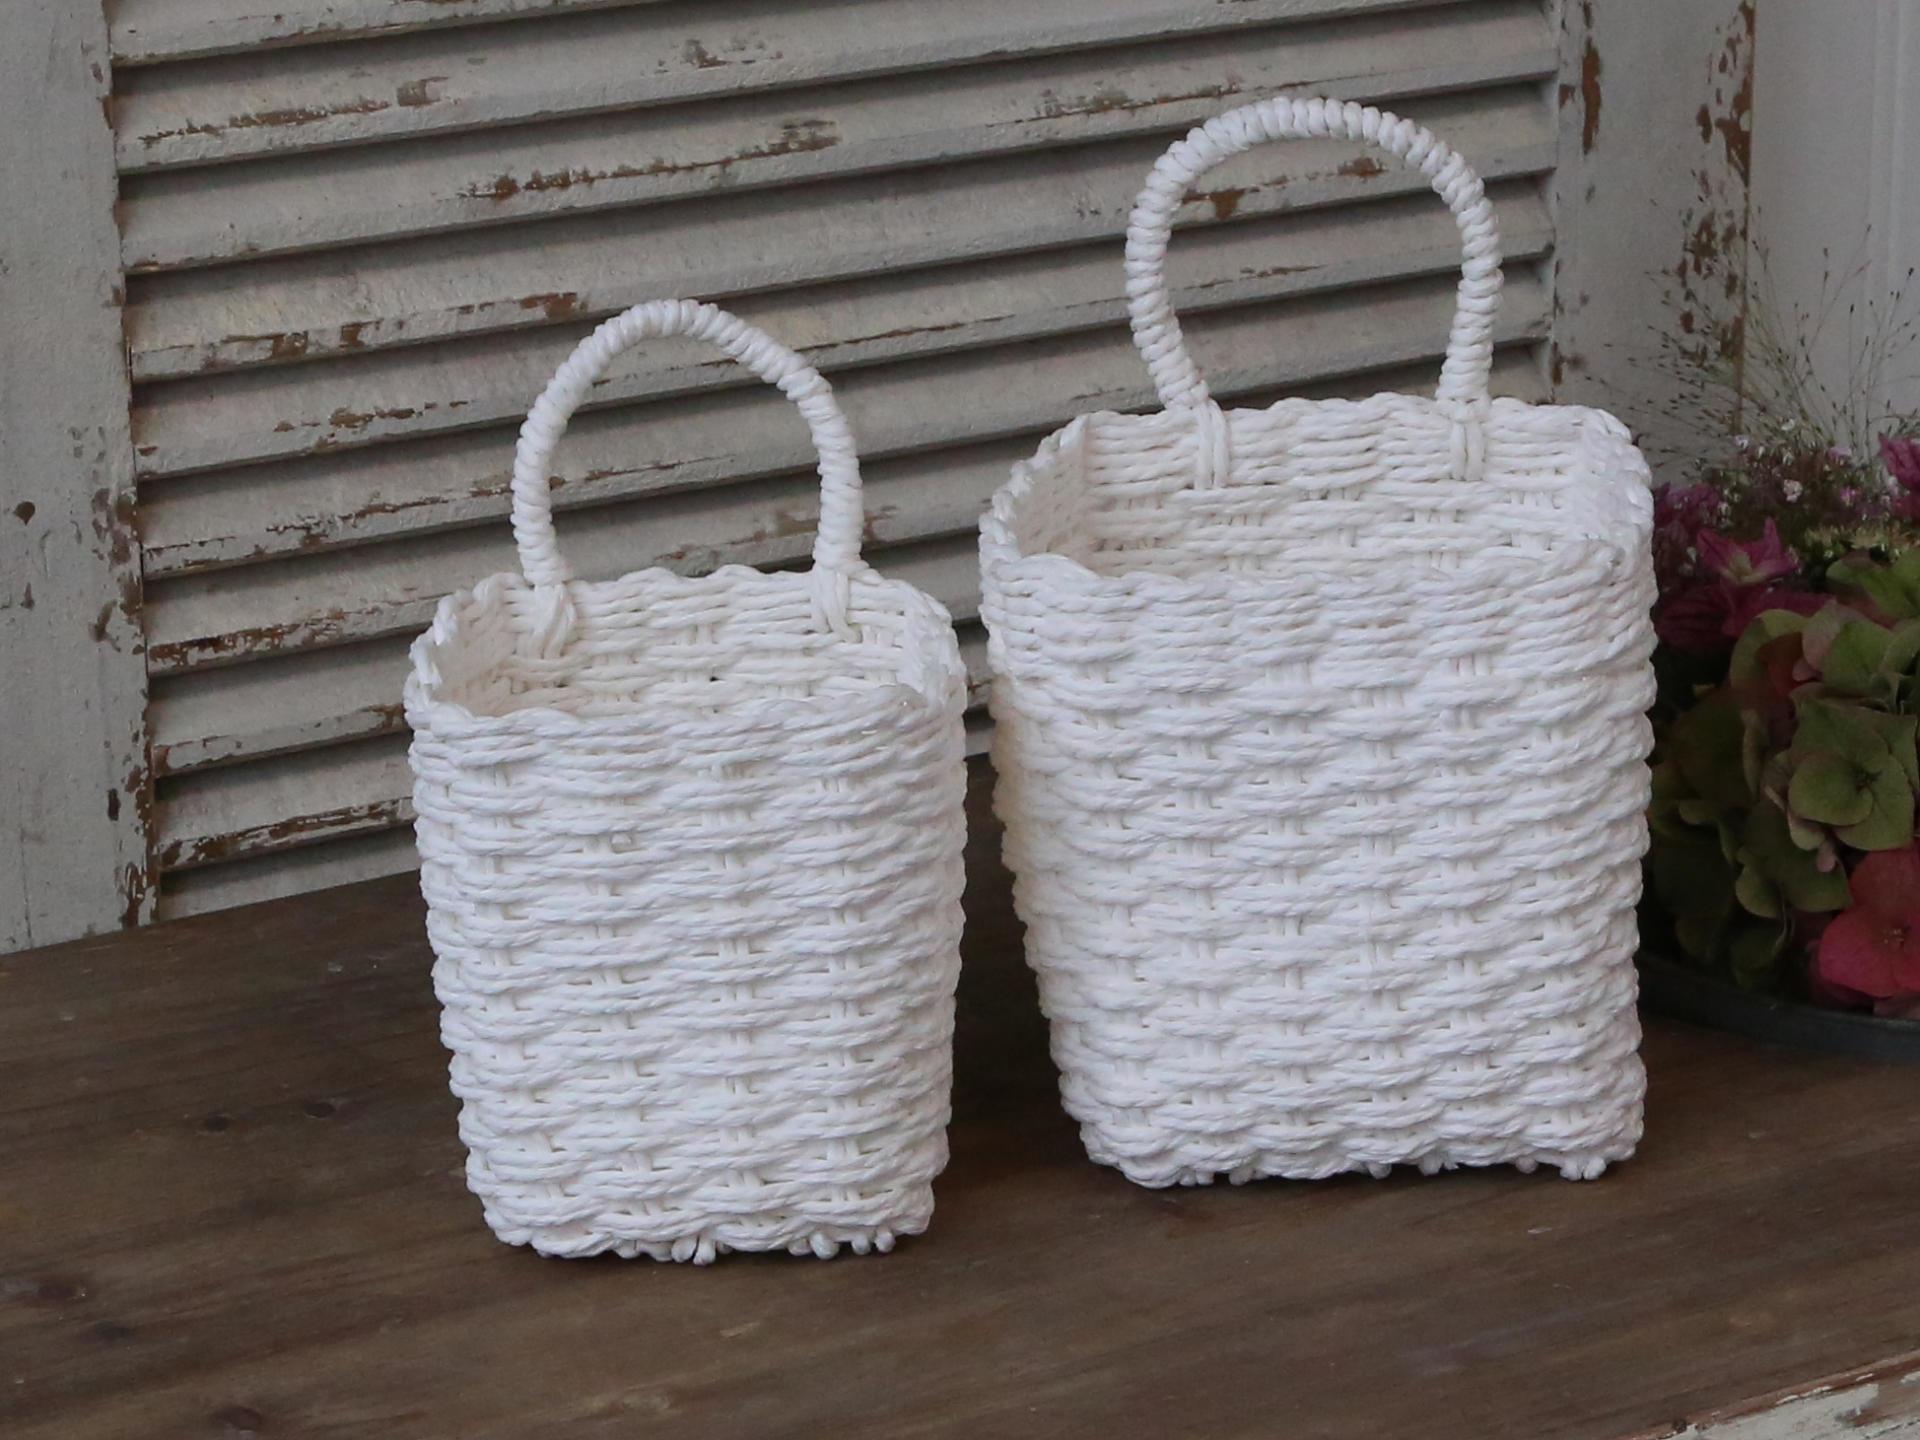 Chic Antique Košík z papírového provázku White - set 2ks, bílá barva, papír